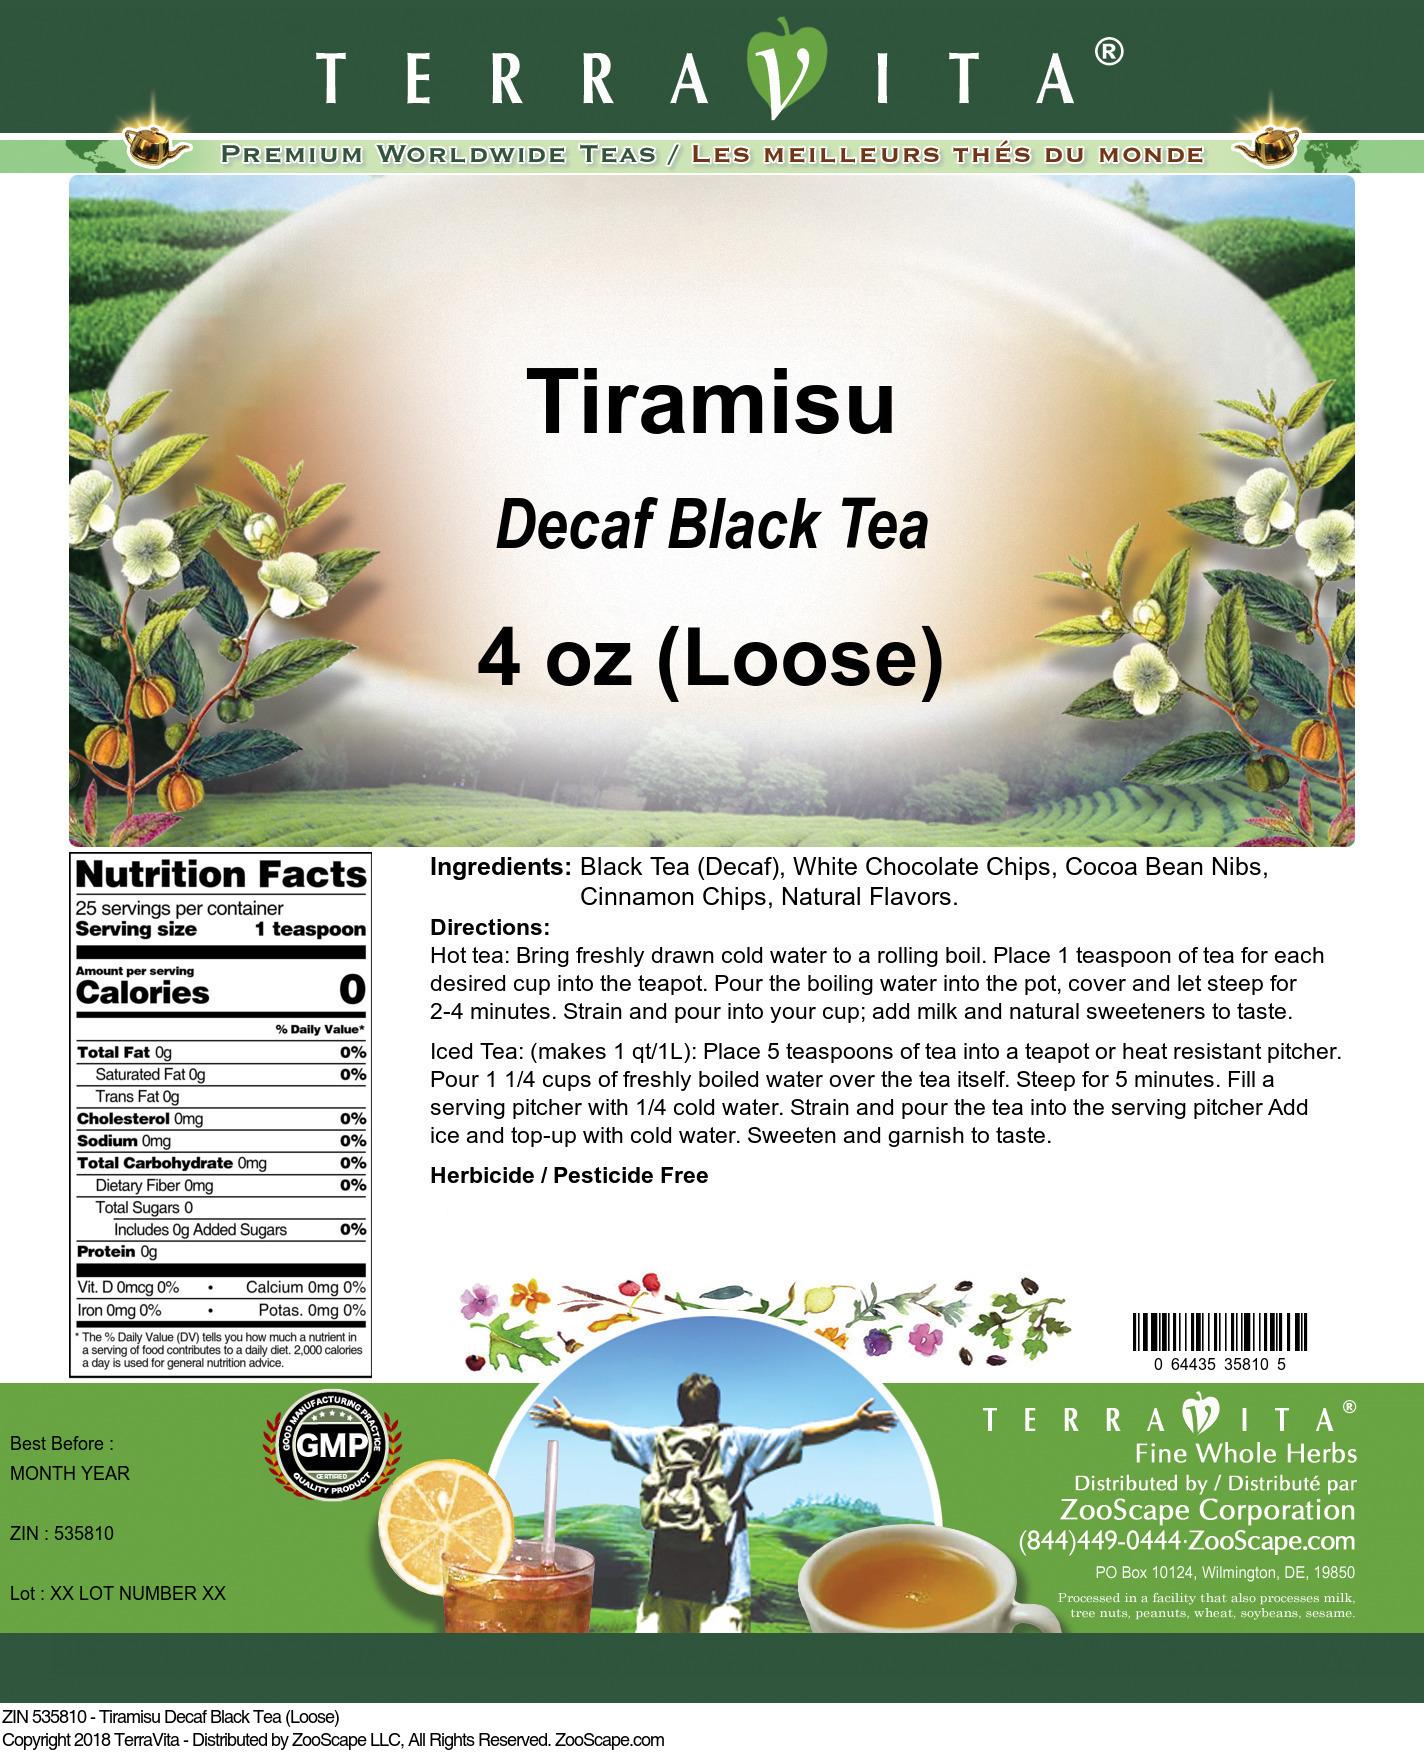 Tiramisu Decaf Black Tea